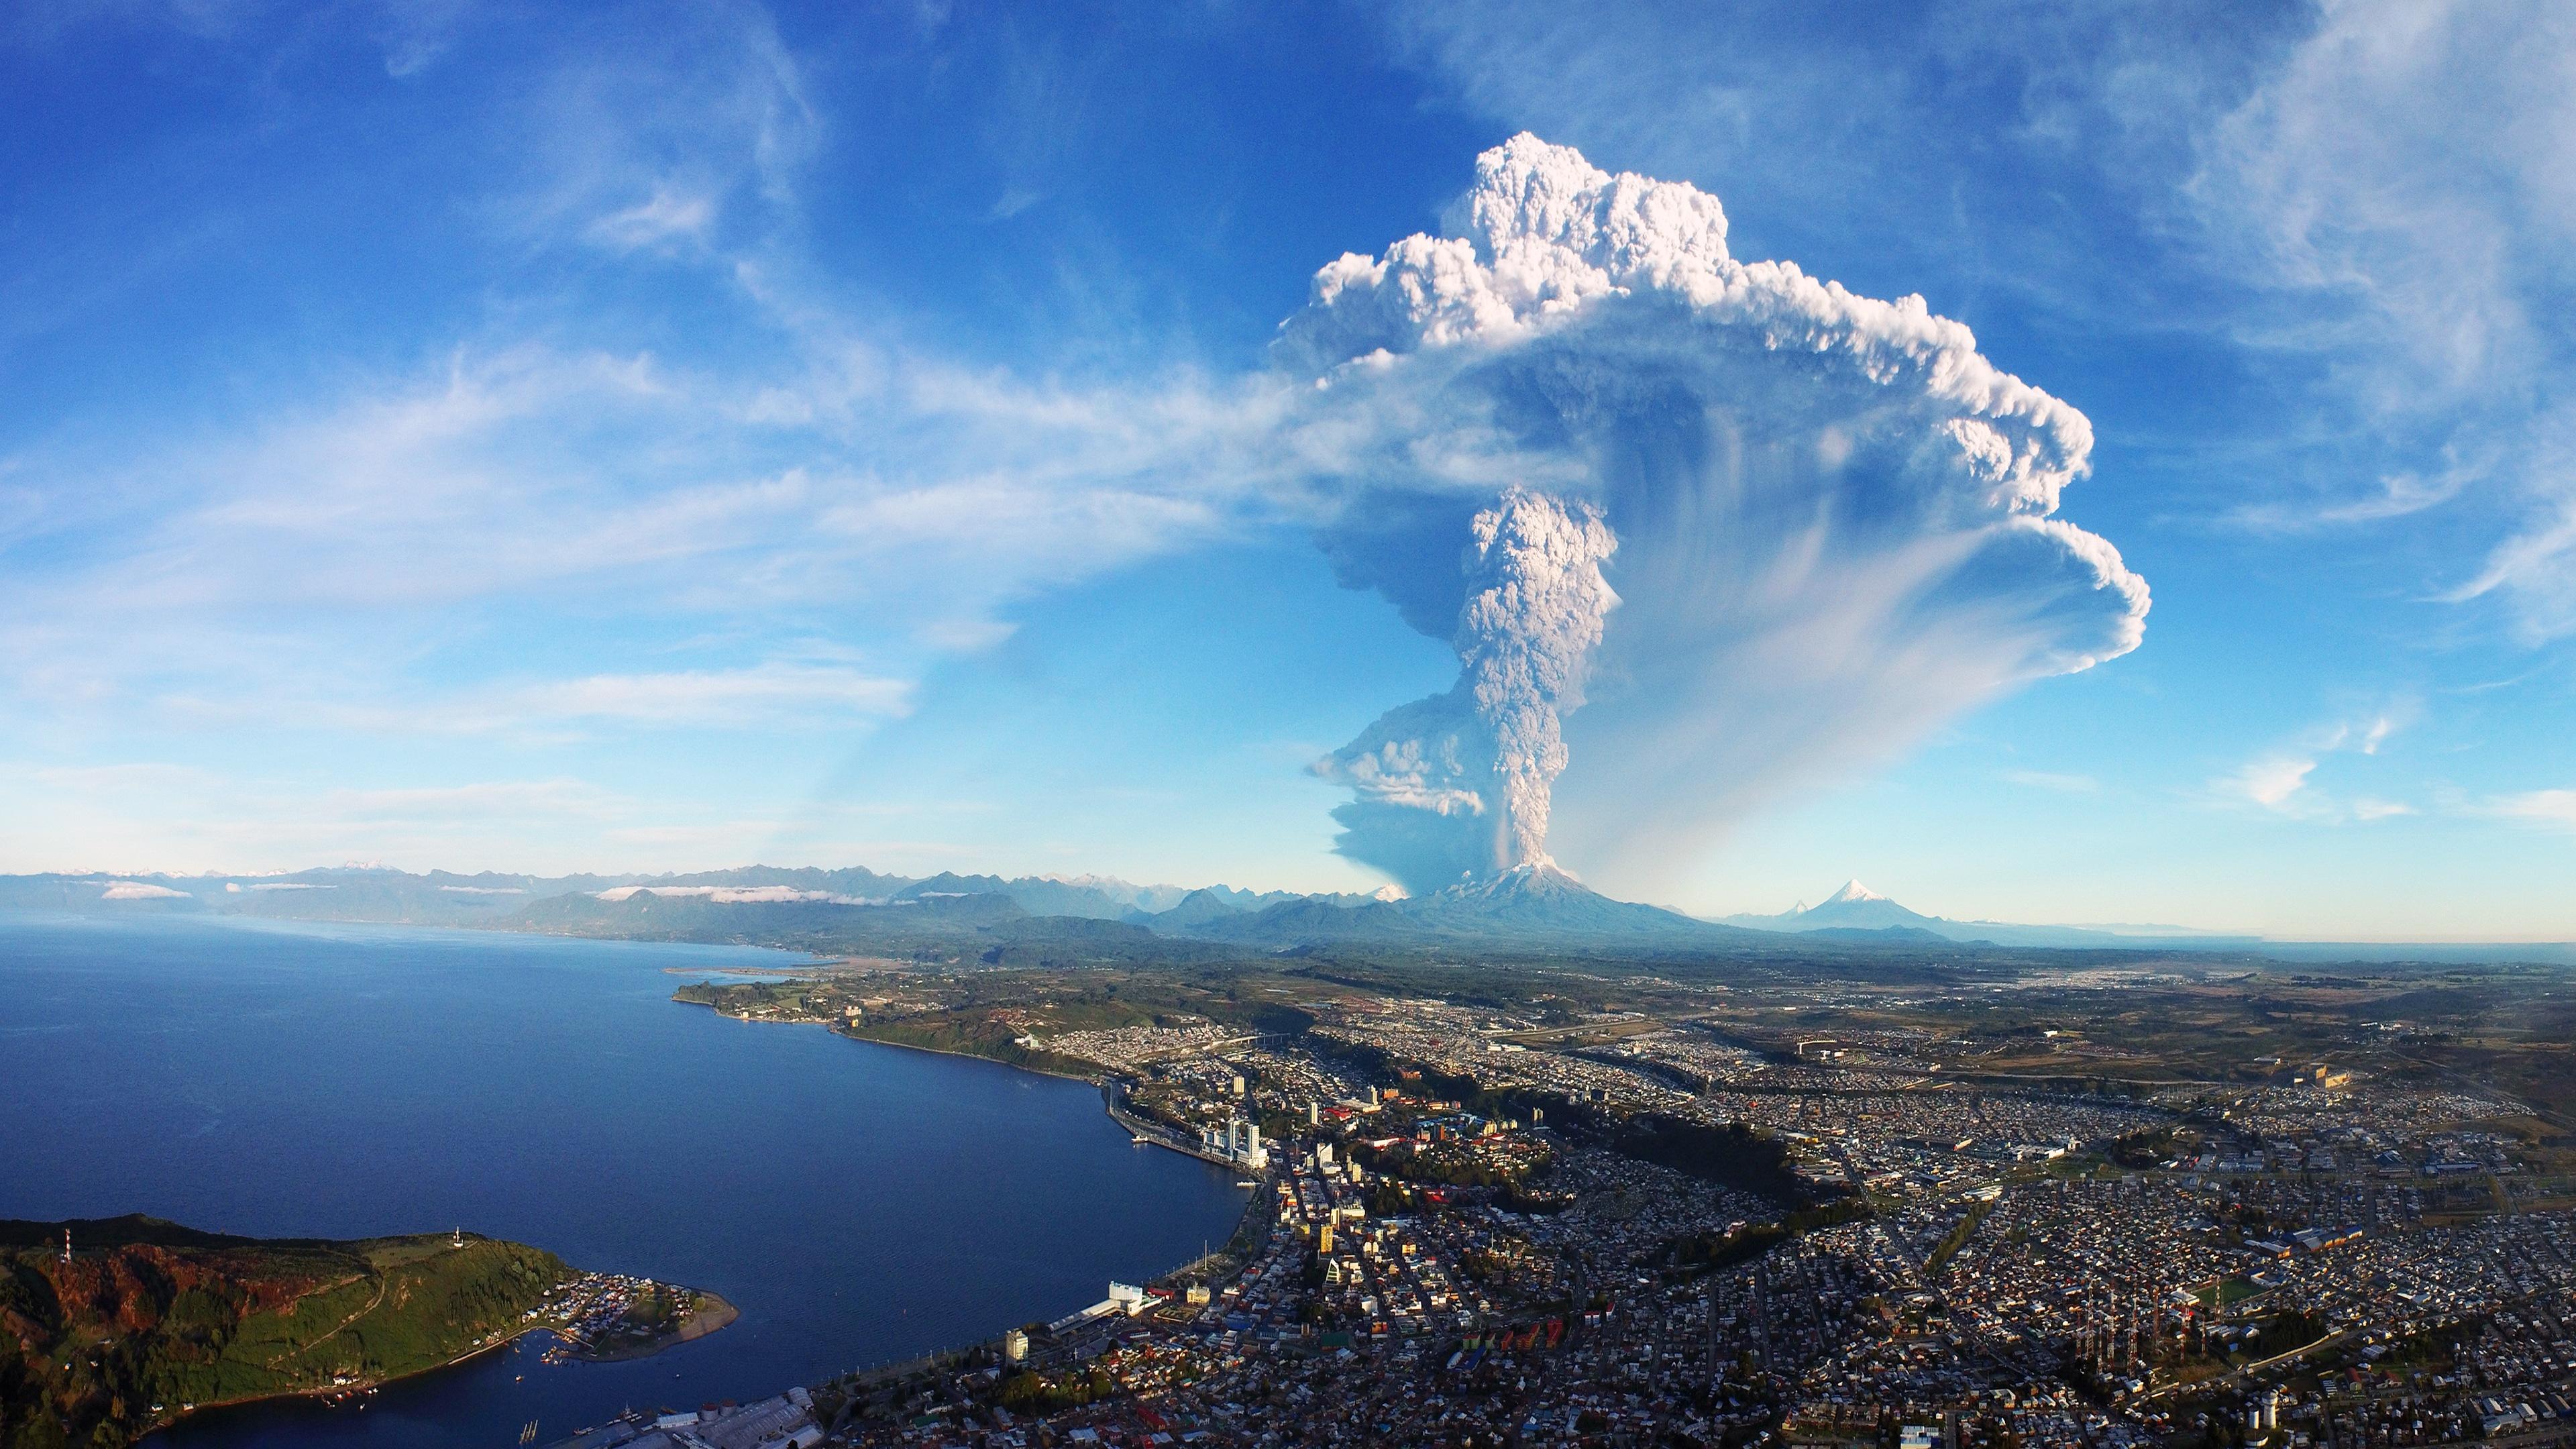 Eruption Chile 4K Ultra HD Desktop Wallpaper Uploaded by DesktopWalls 3840x2160